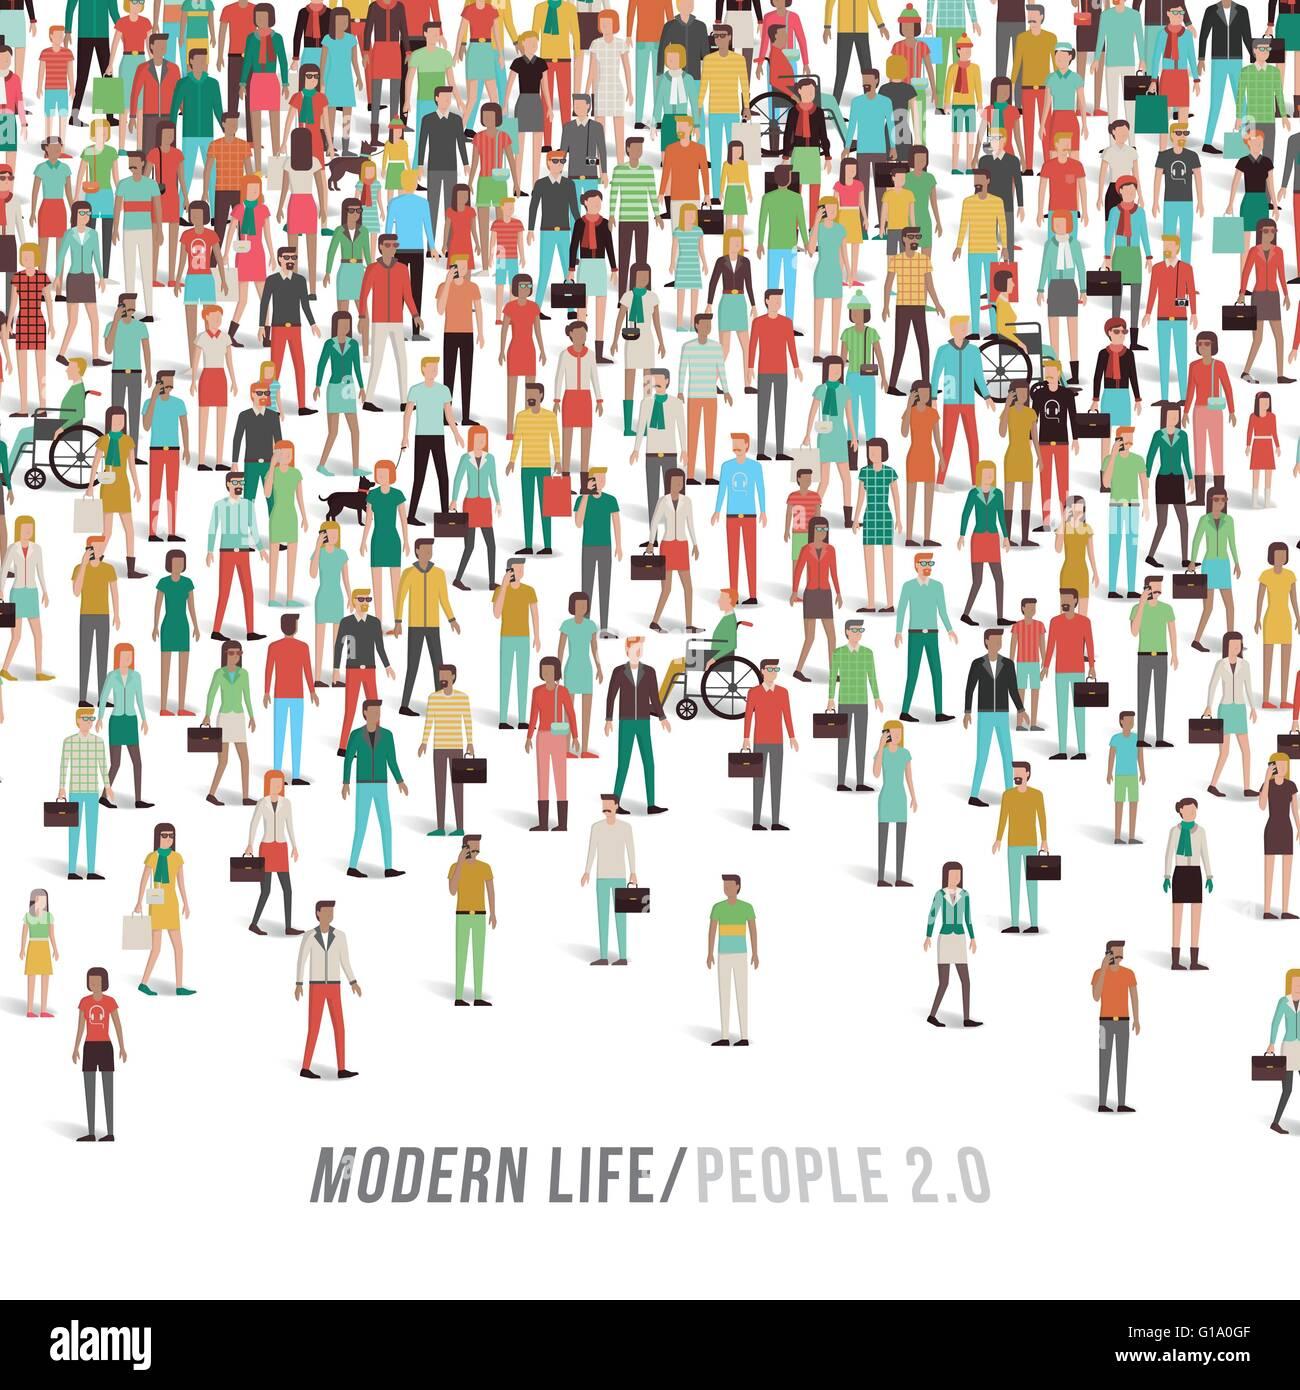 Multitud de personas, hombres, mujeres, niños, grupos étnicos diferentes y prendas de vestir, texto y Imagen De Stock